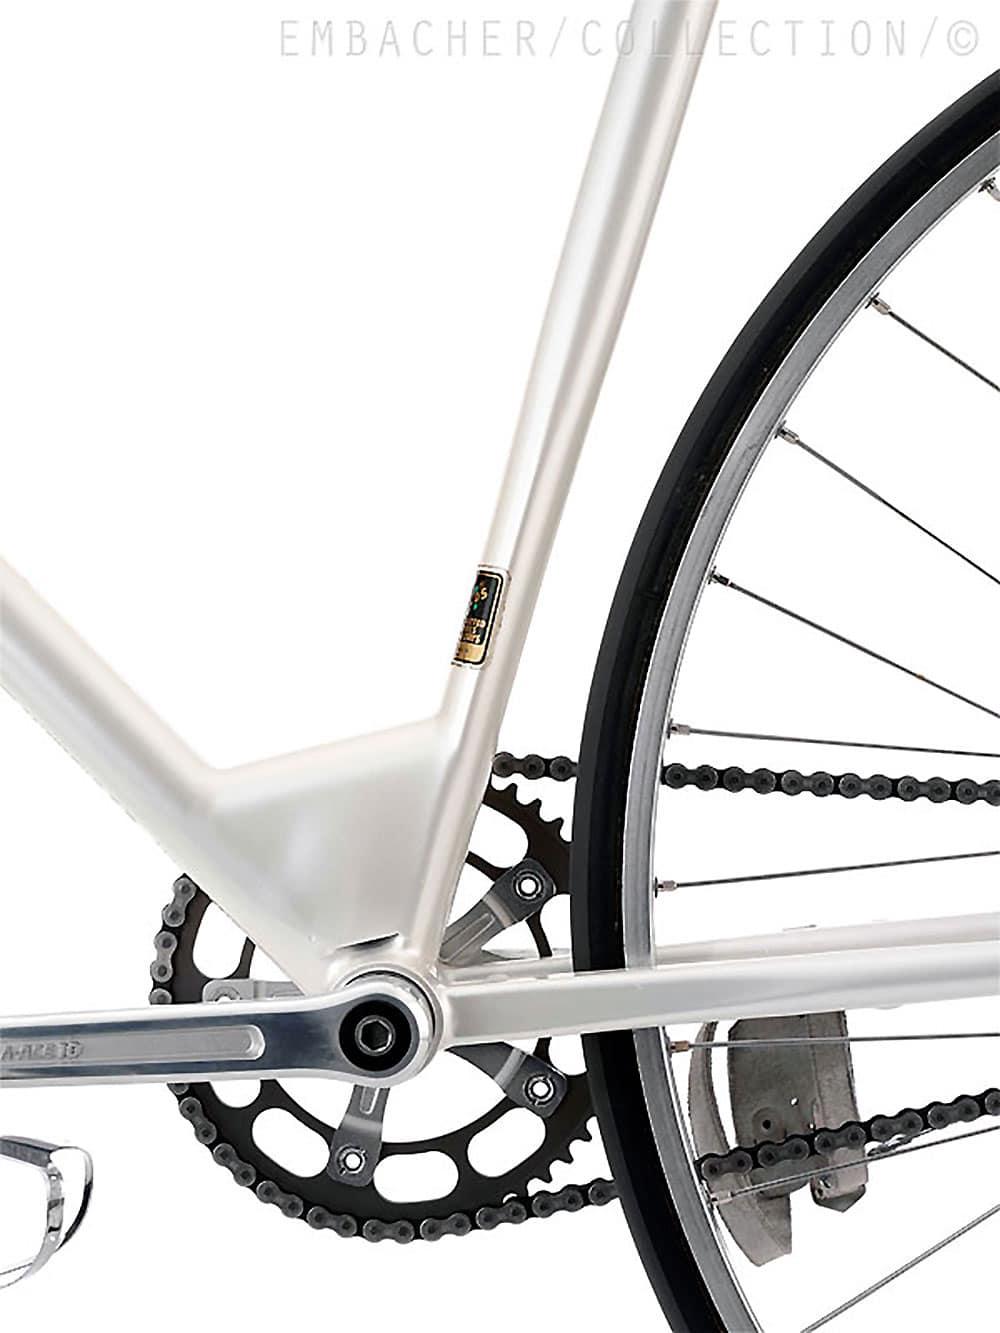 Découvrez le pignon fixe ou fixie contre la montre Inbike / Textima